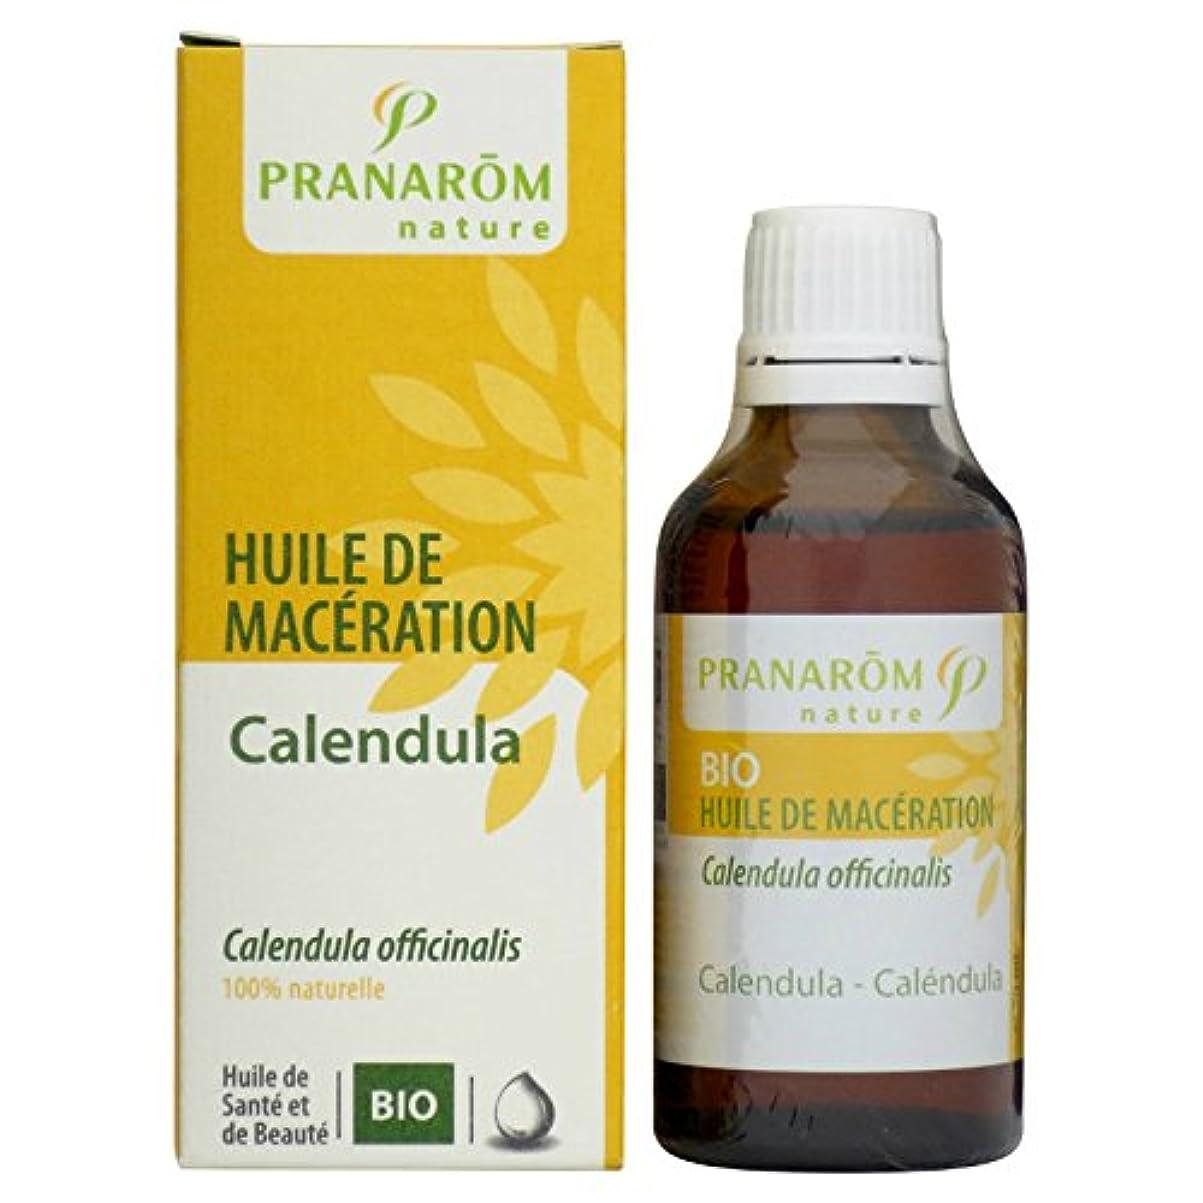 促す見つけたクライストチャーチプラナロム カレンデュラオイル 50ml (PRANAROM 植物油)